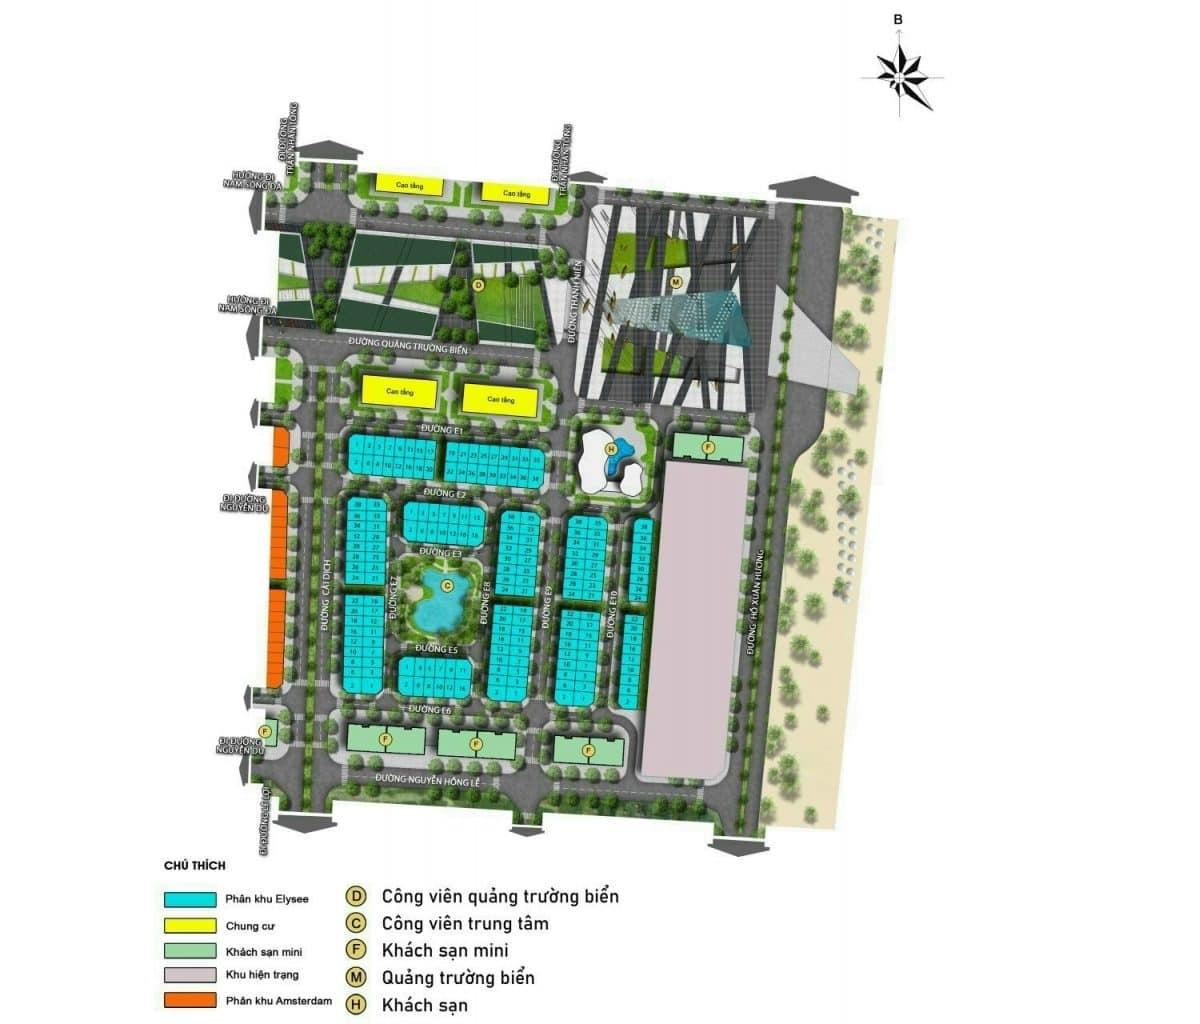 Mặt bằng chi tiết phân khu Elysee Sun Grand Boulevard Sầm Sơn Thanh Hoá